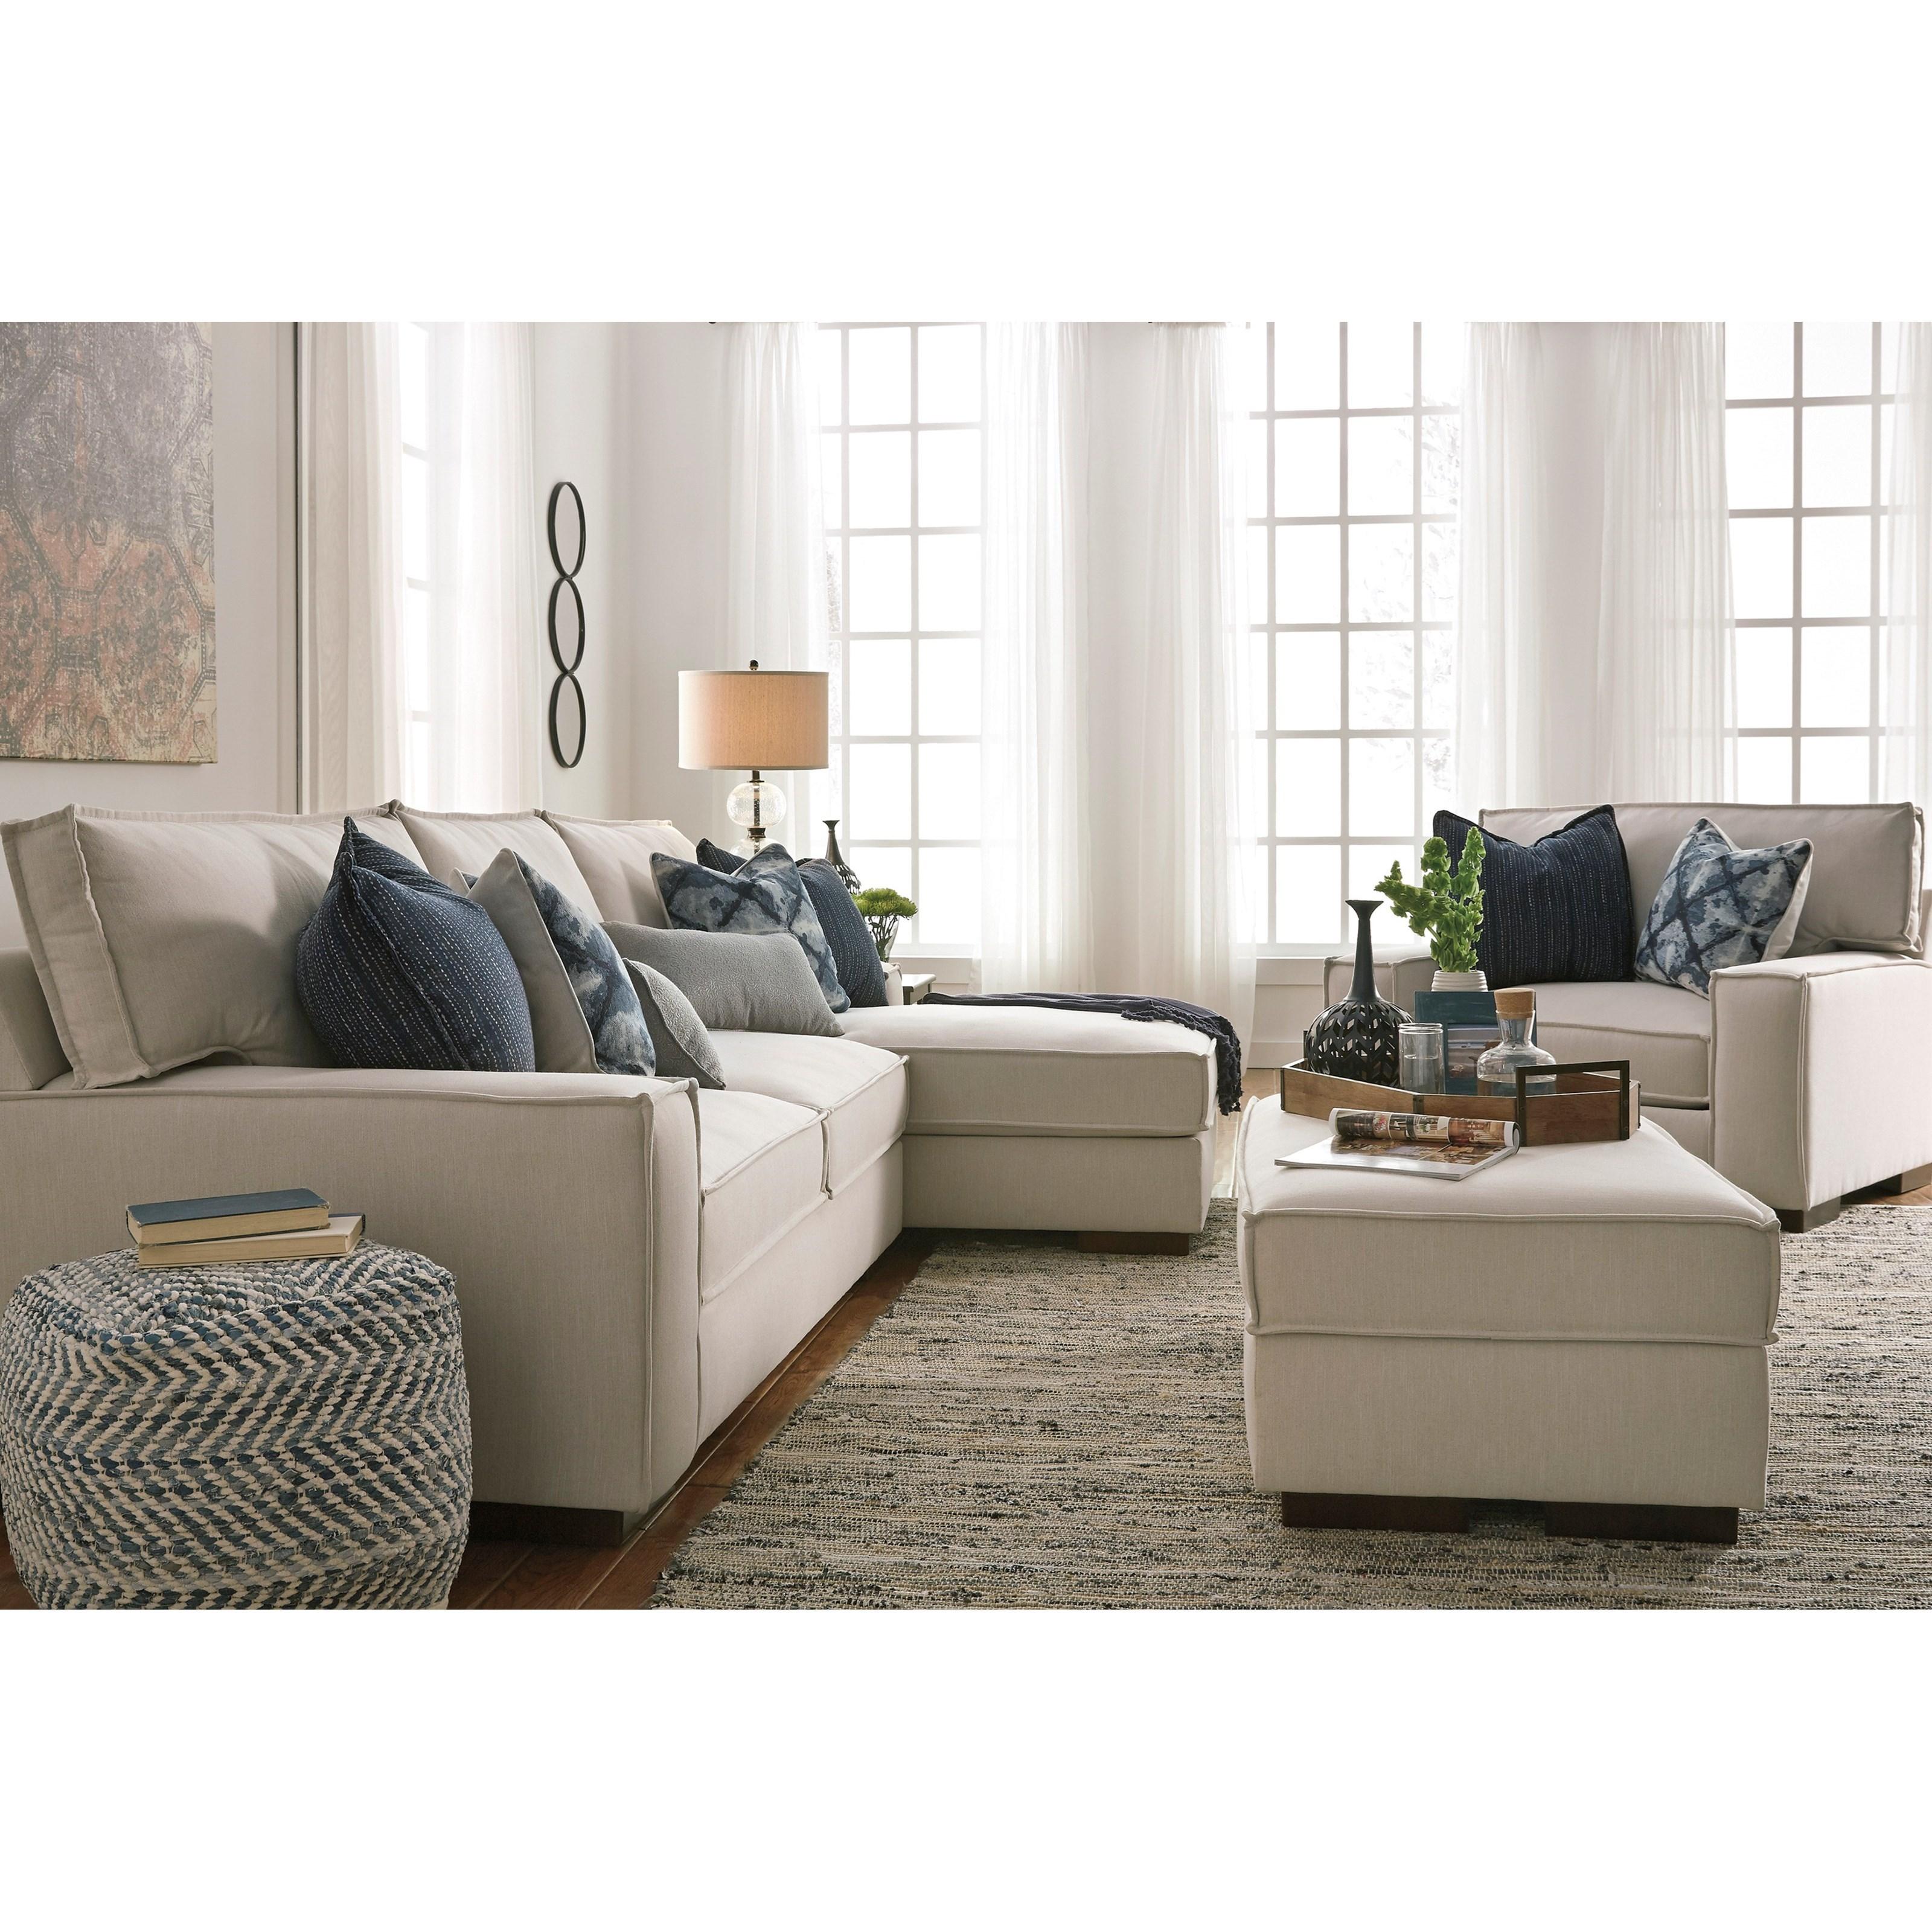 Benchcraft Kendleton Stationary Living Room Group - Item Number: 54704 Living Room Group 4